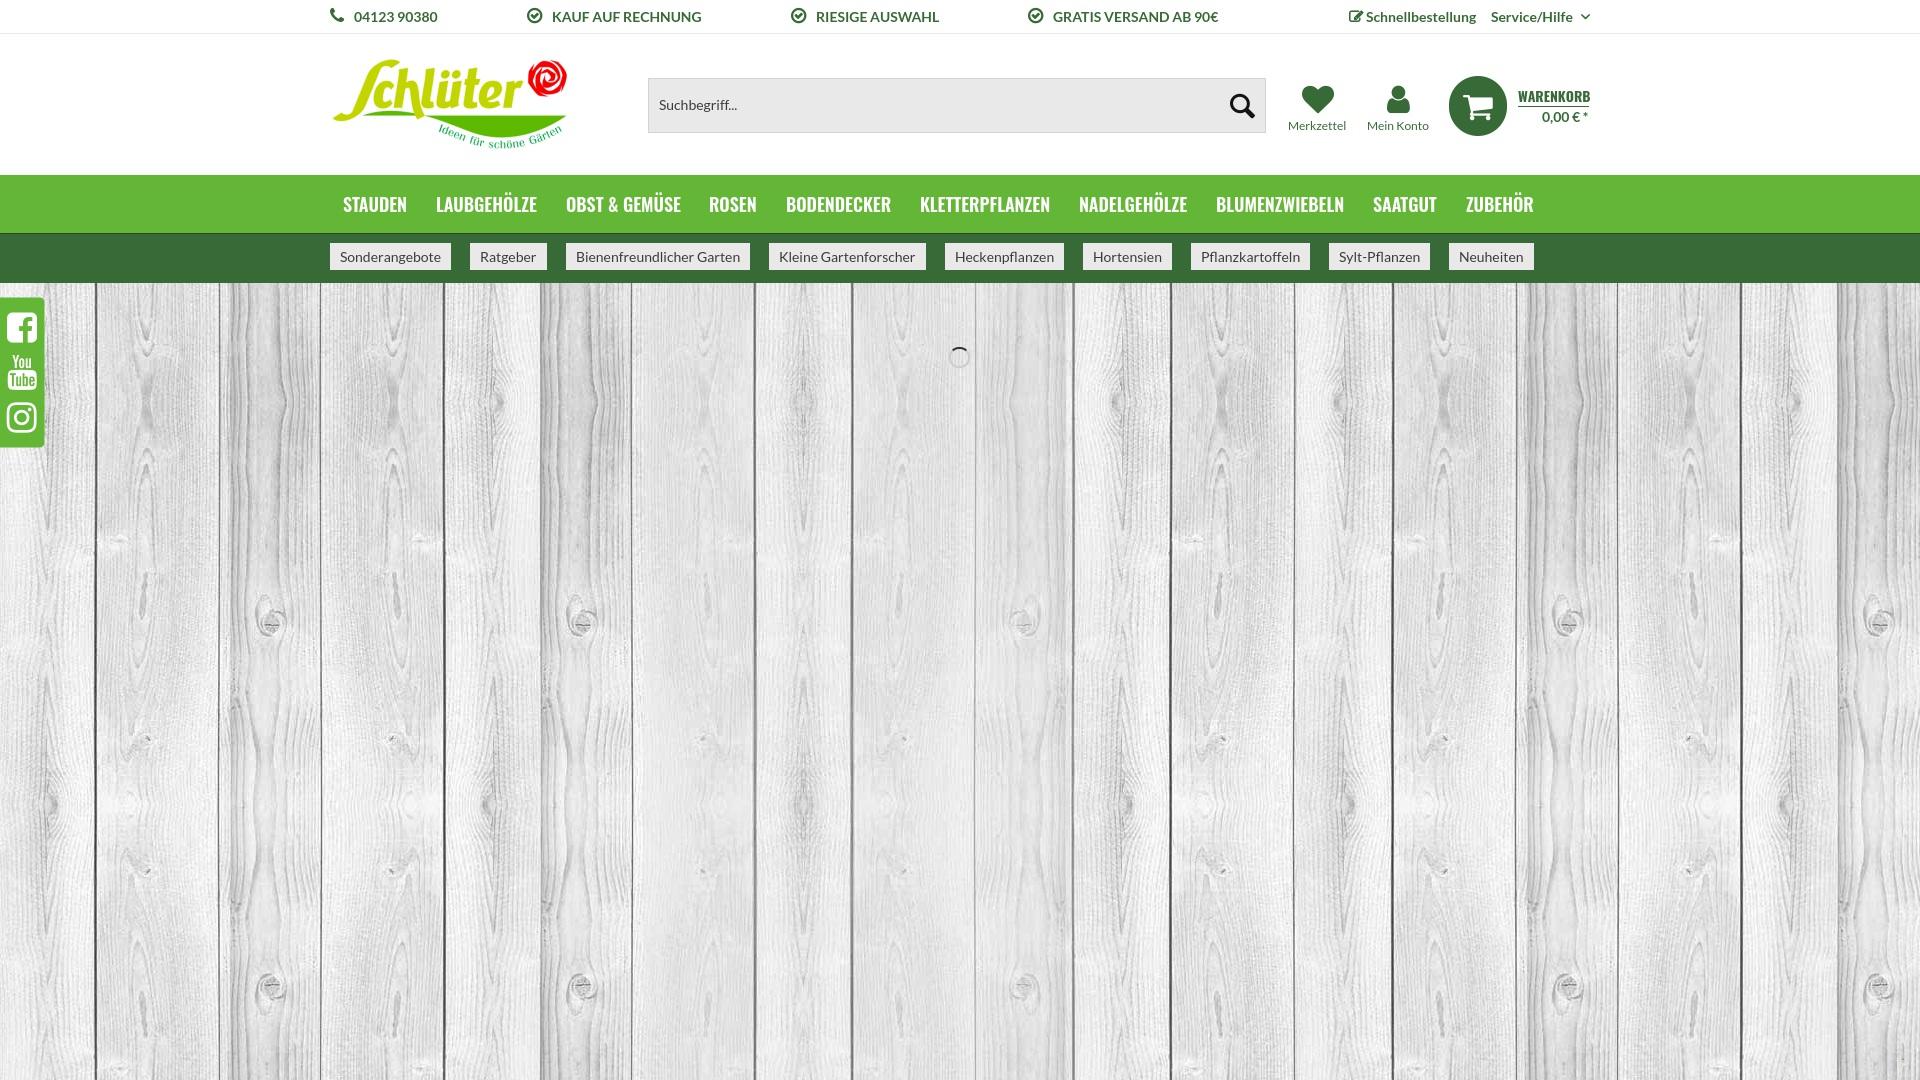 Gutschein für Garten-schlueter: Rabatte für  Garten-schlueter sichern